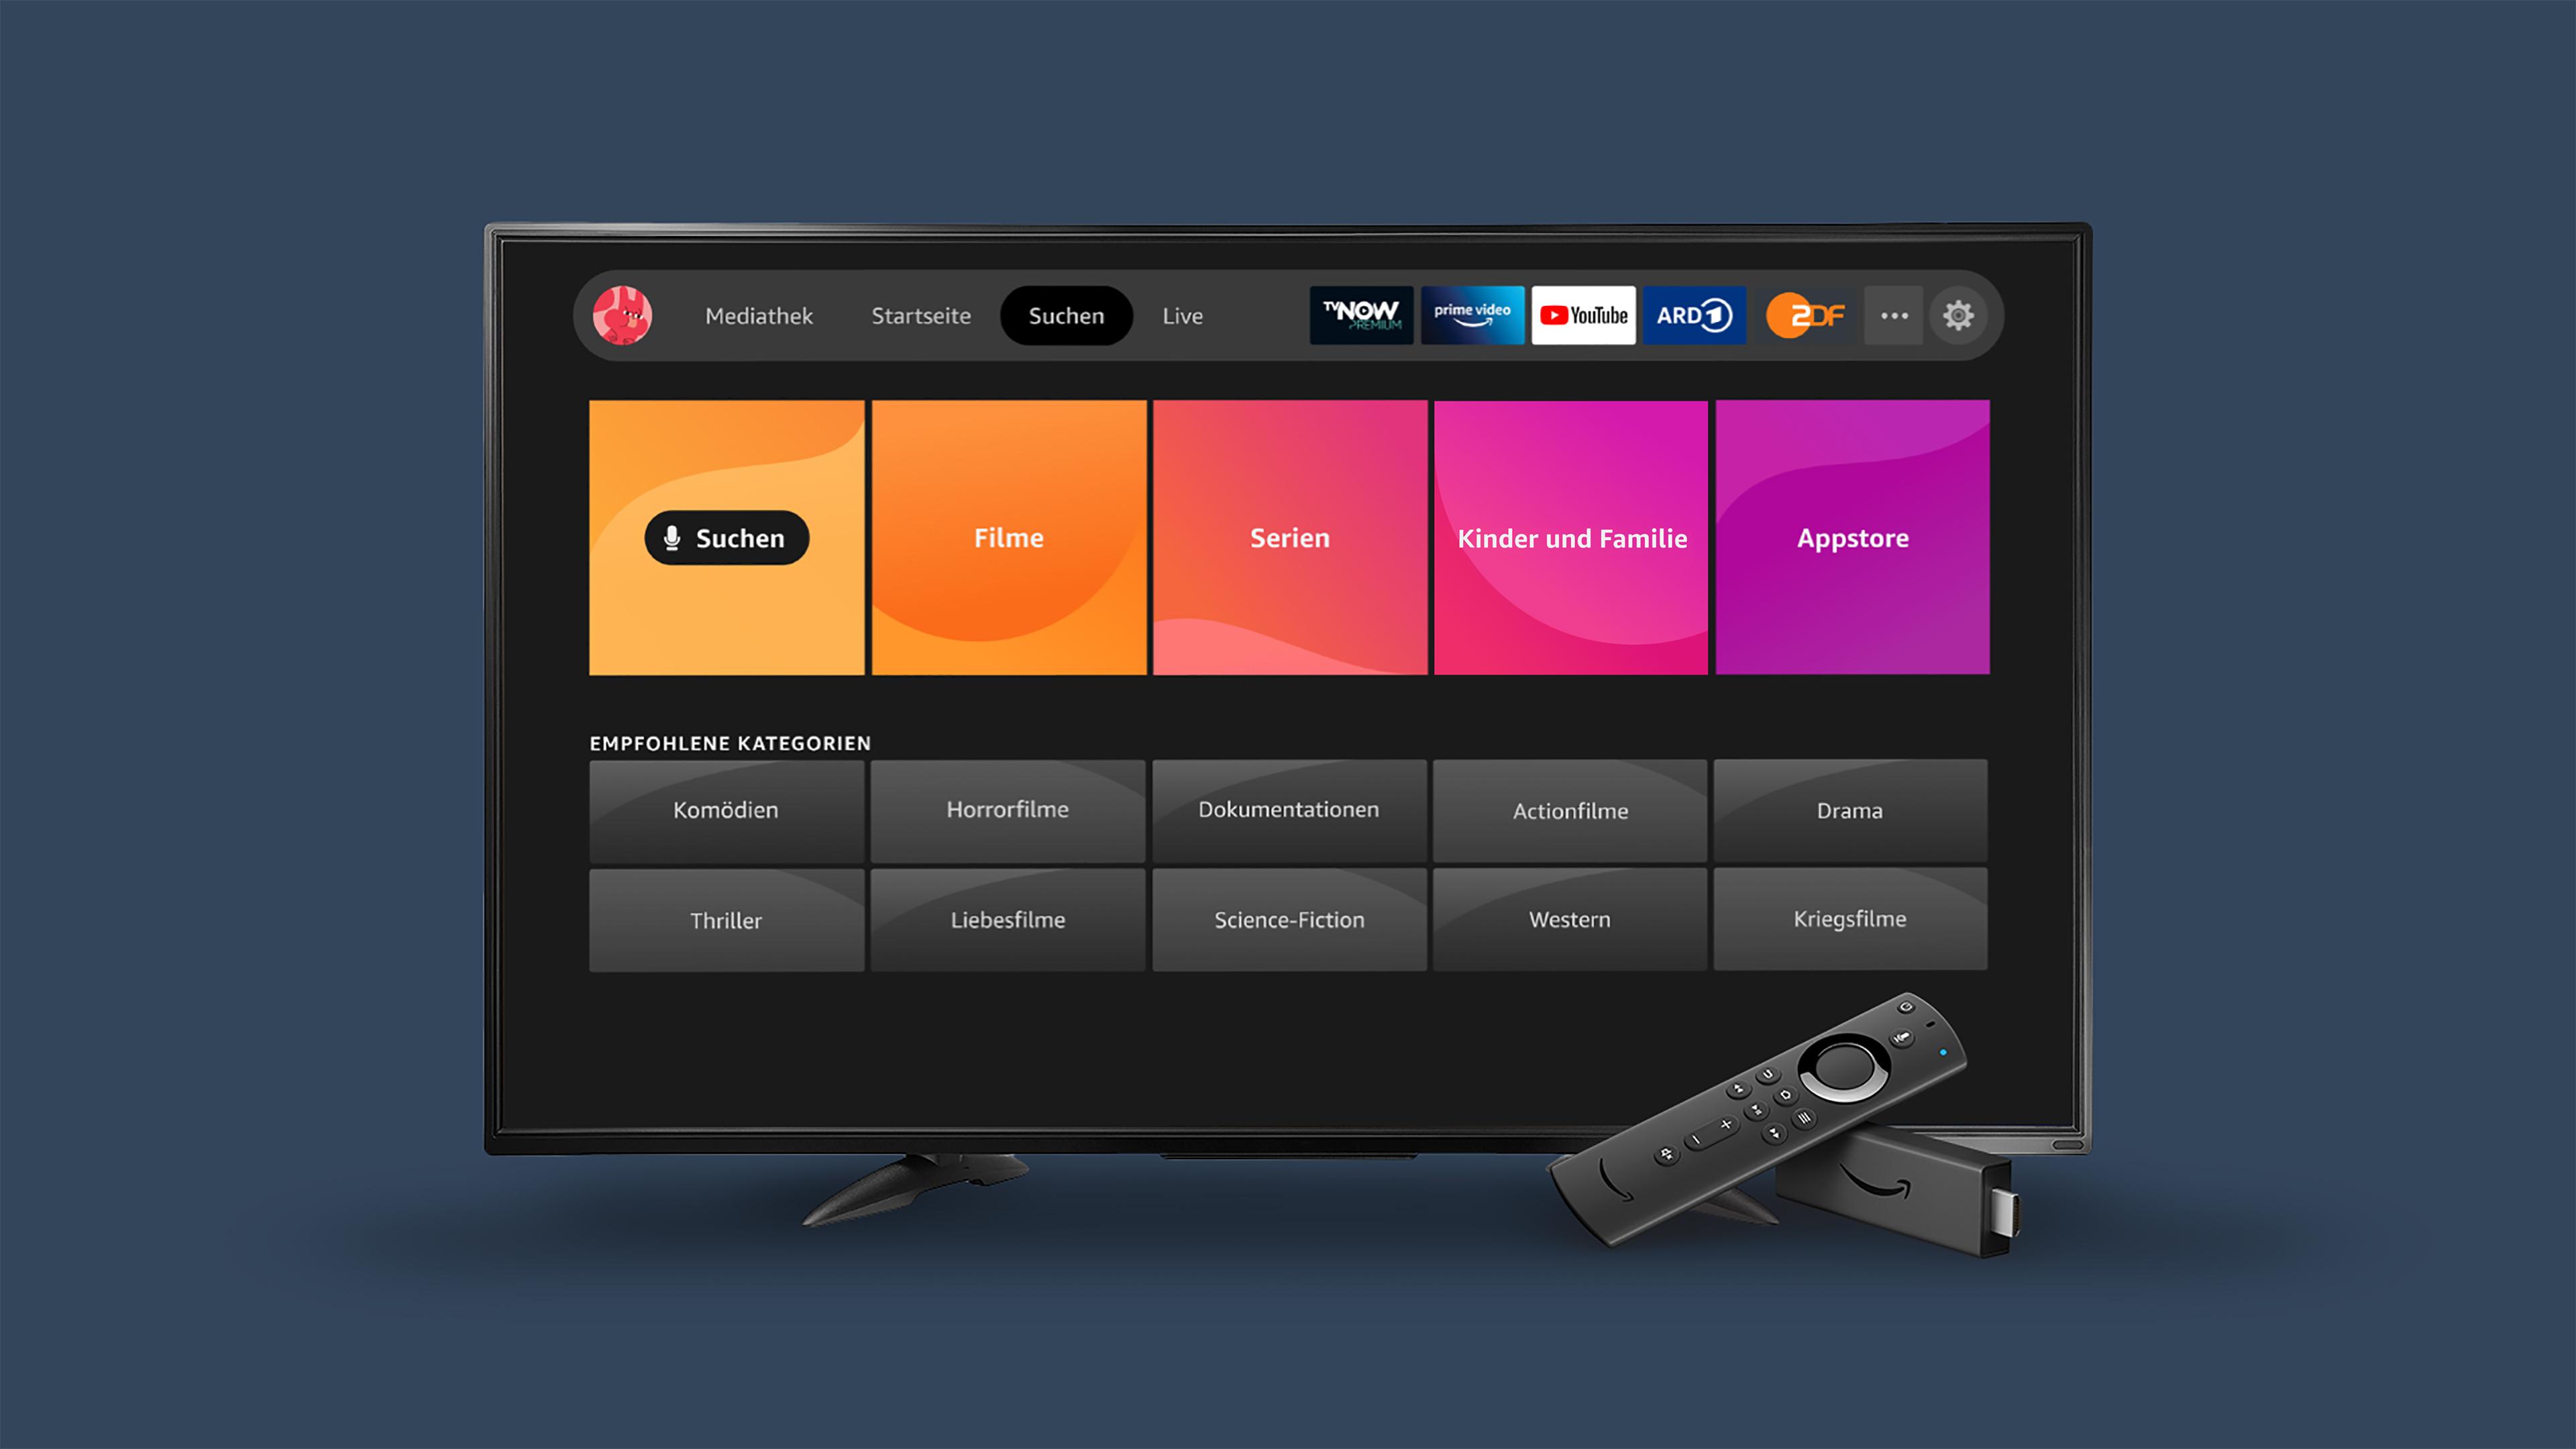 Neue Streaming-Oberfläche: Amazon bringt großes Update auf weitere Fire-TV-Modelle -